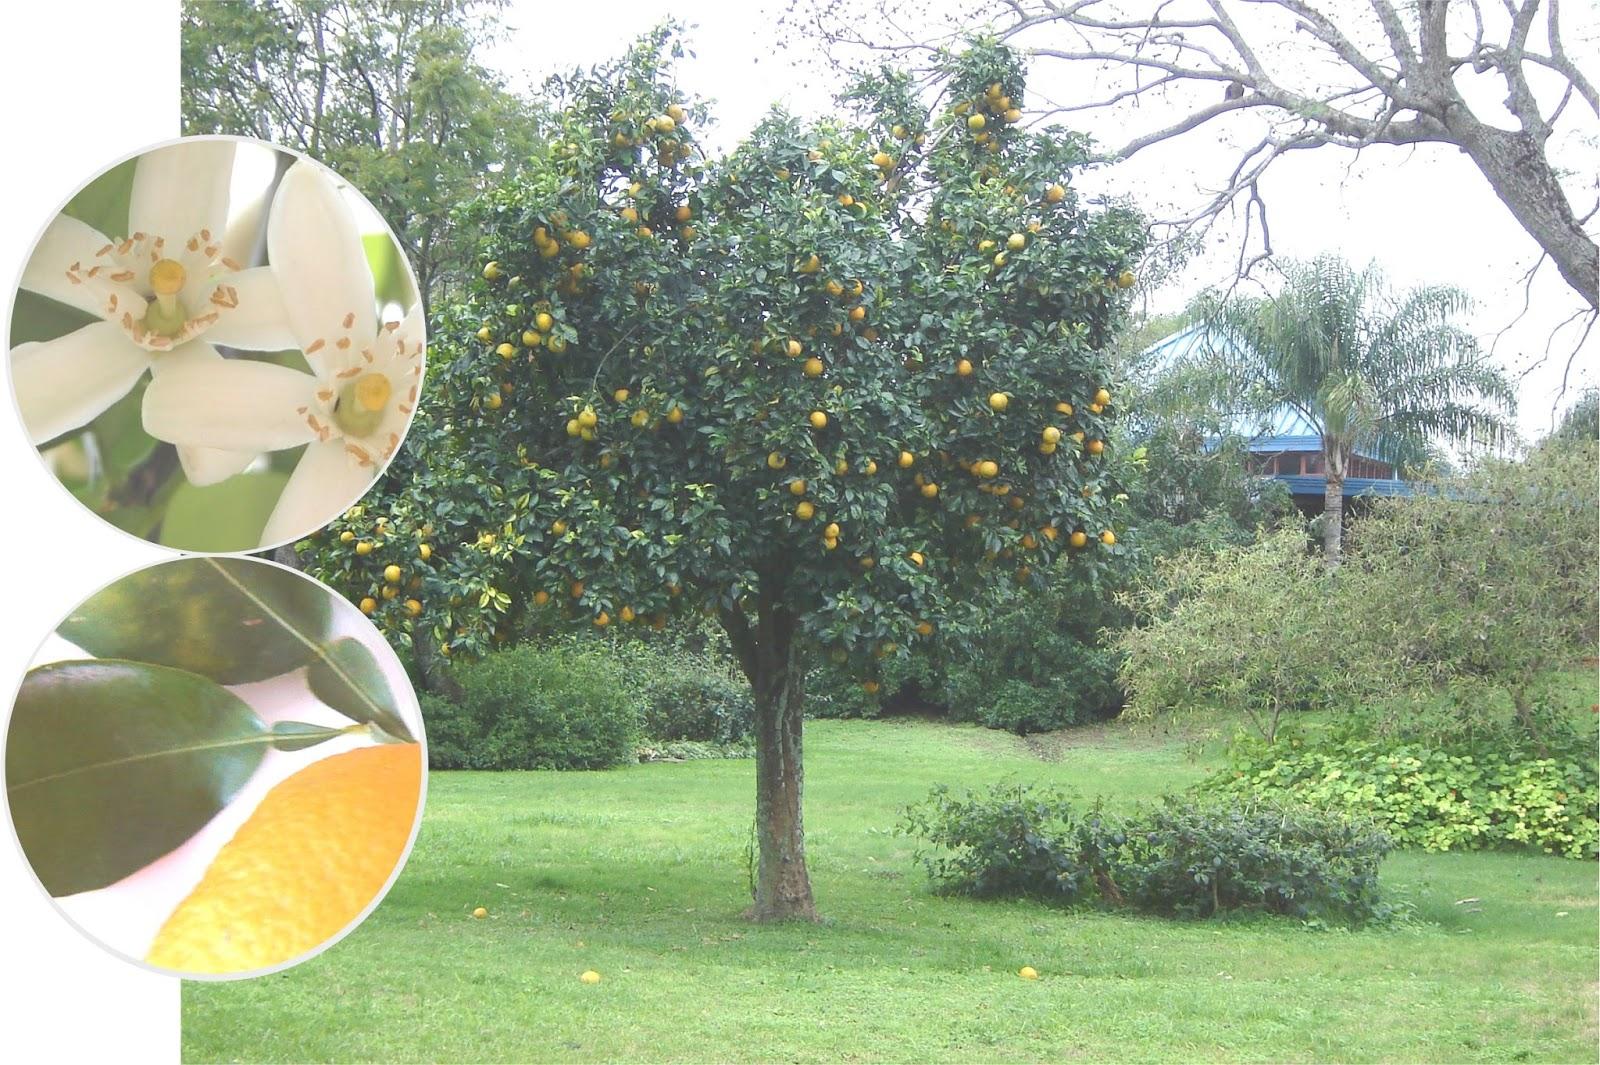 V e r d e c h a c o naranja agria apep - Naranjas del arbol a la mesa ...